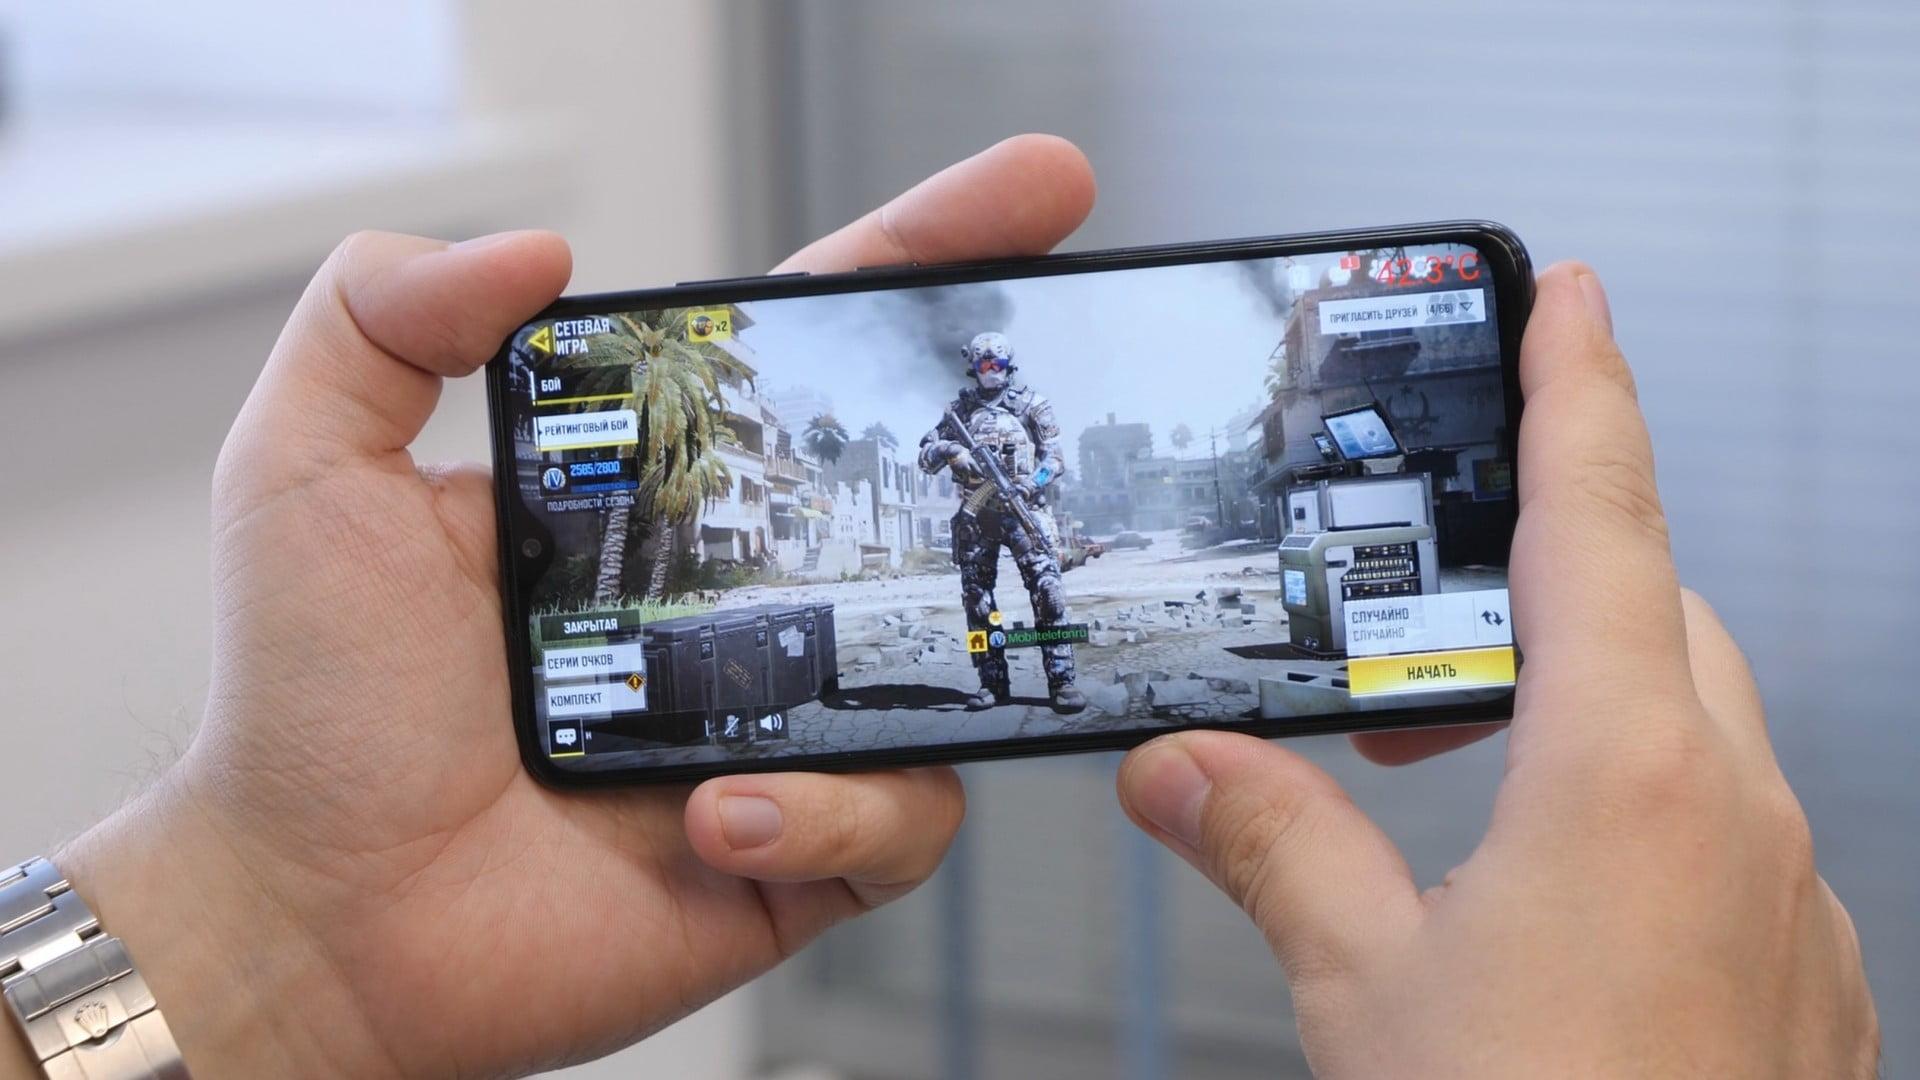 Как увидеть FPS, нагрузку на процессор и другие параметры в игре на смартфоне с интерфейсом Samsung One UI 3.0